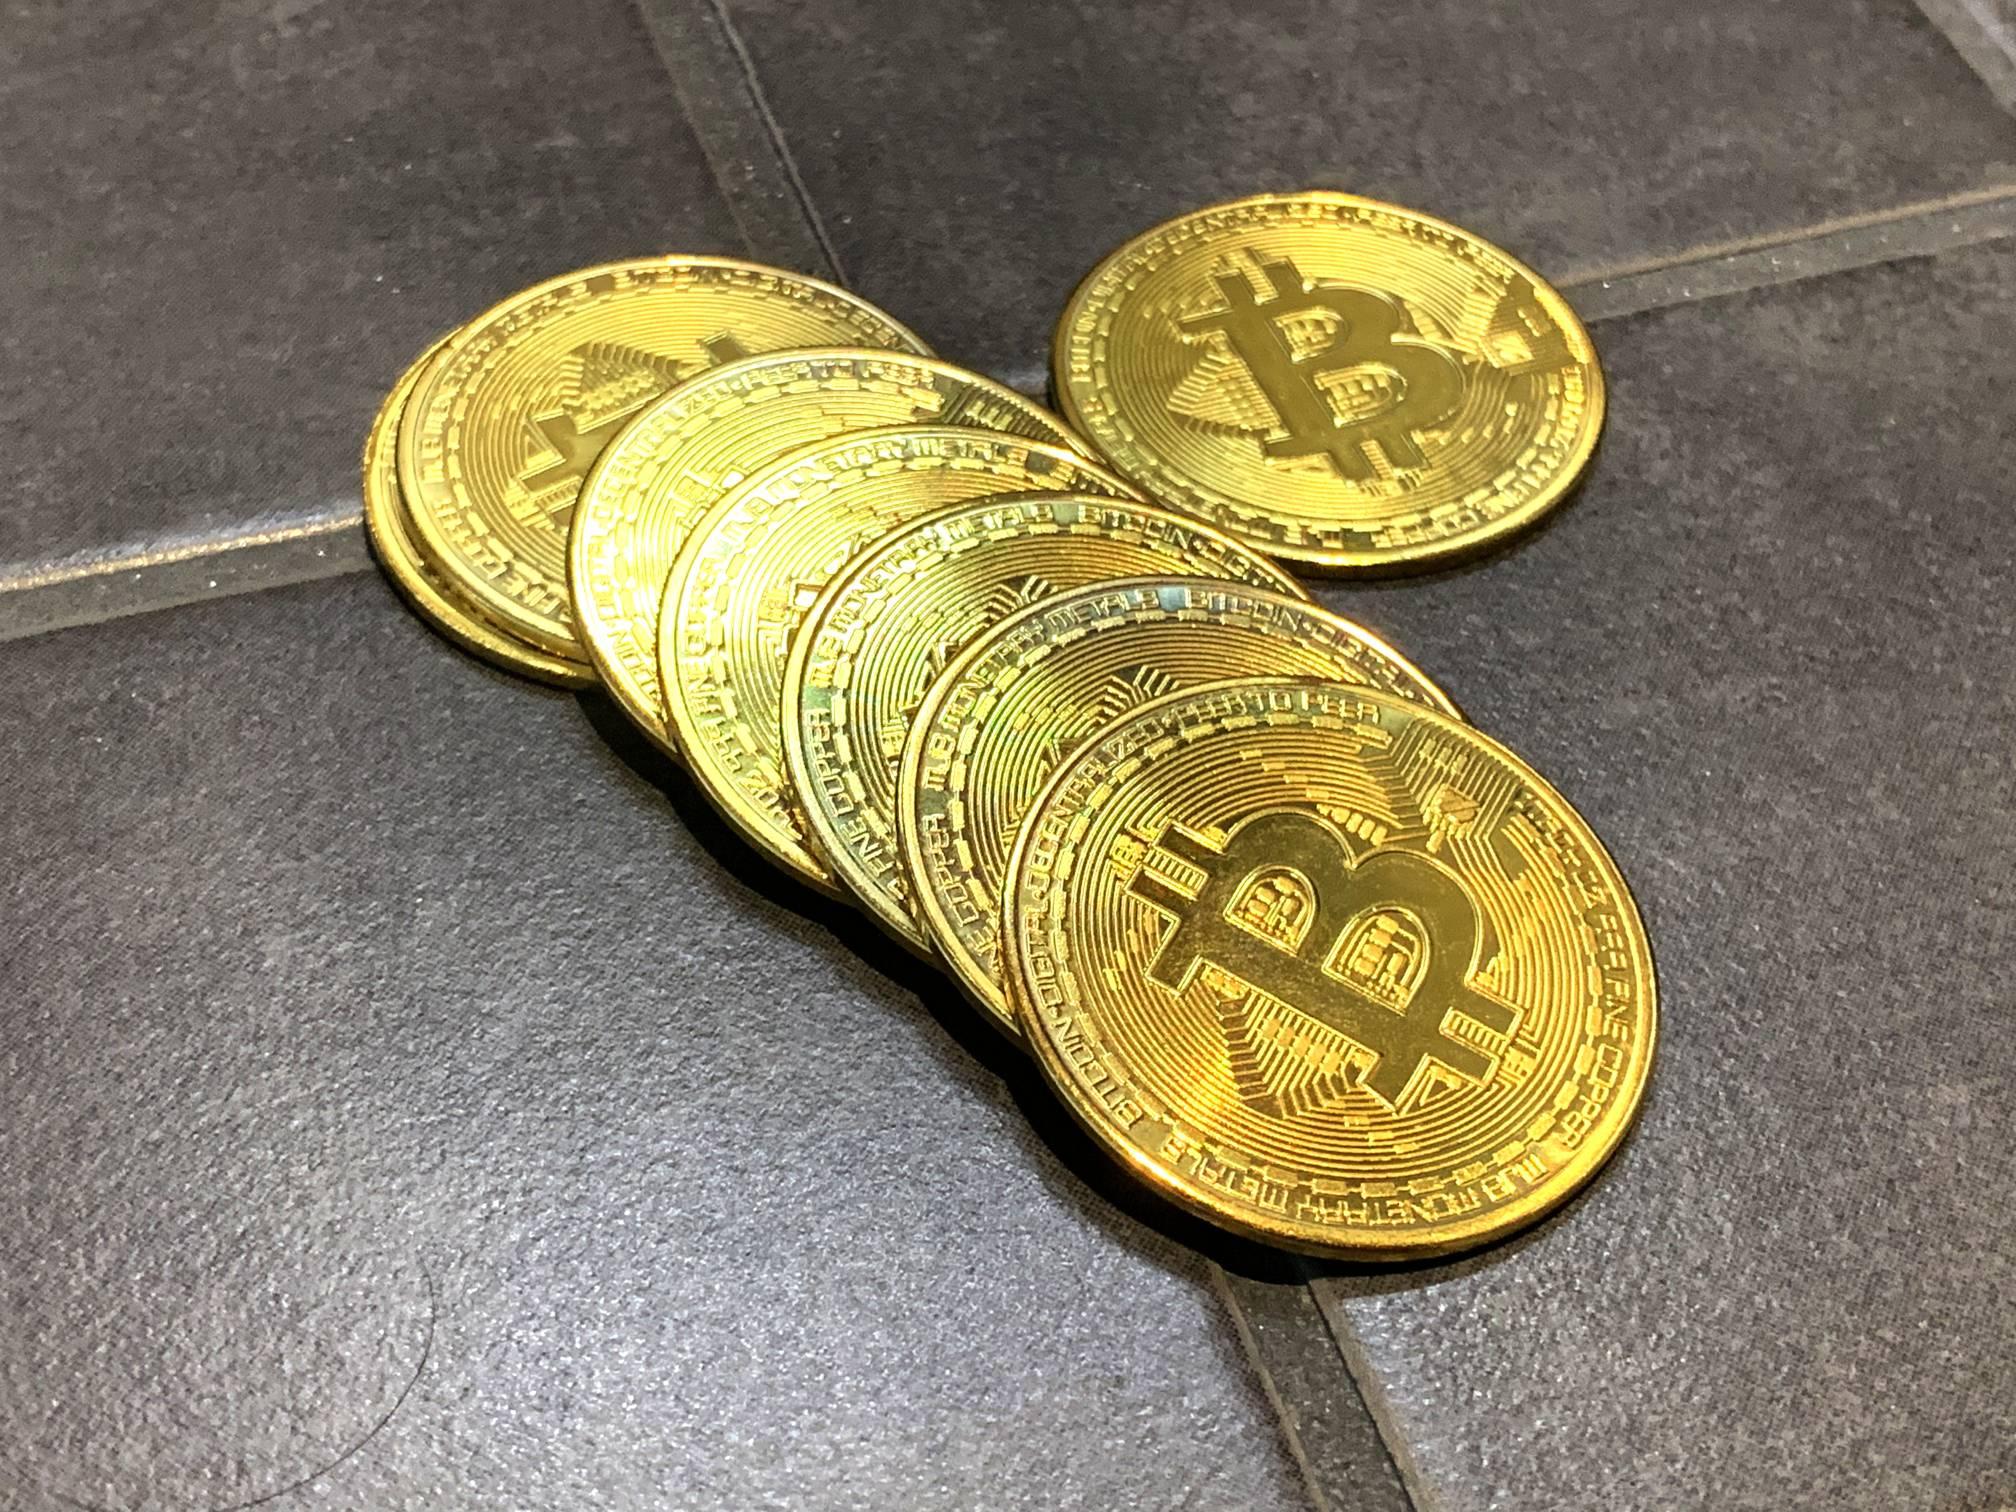 Bitcoins on Ceramic Tile w/ Hair